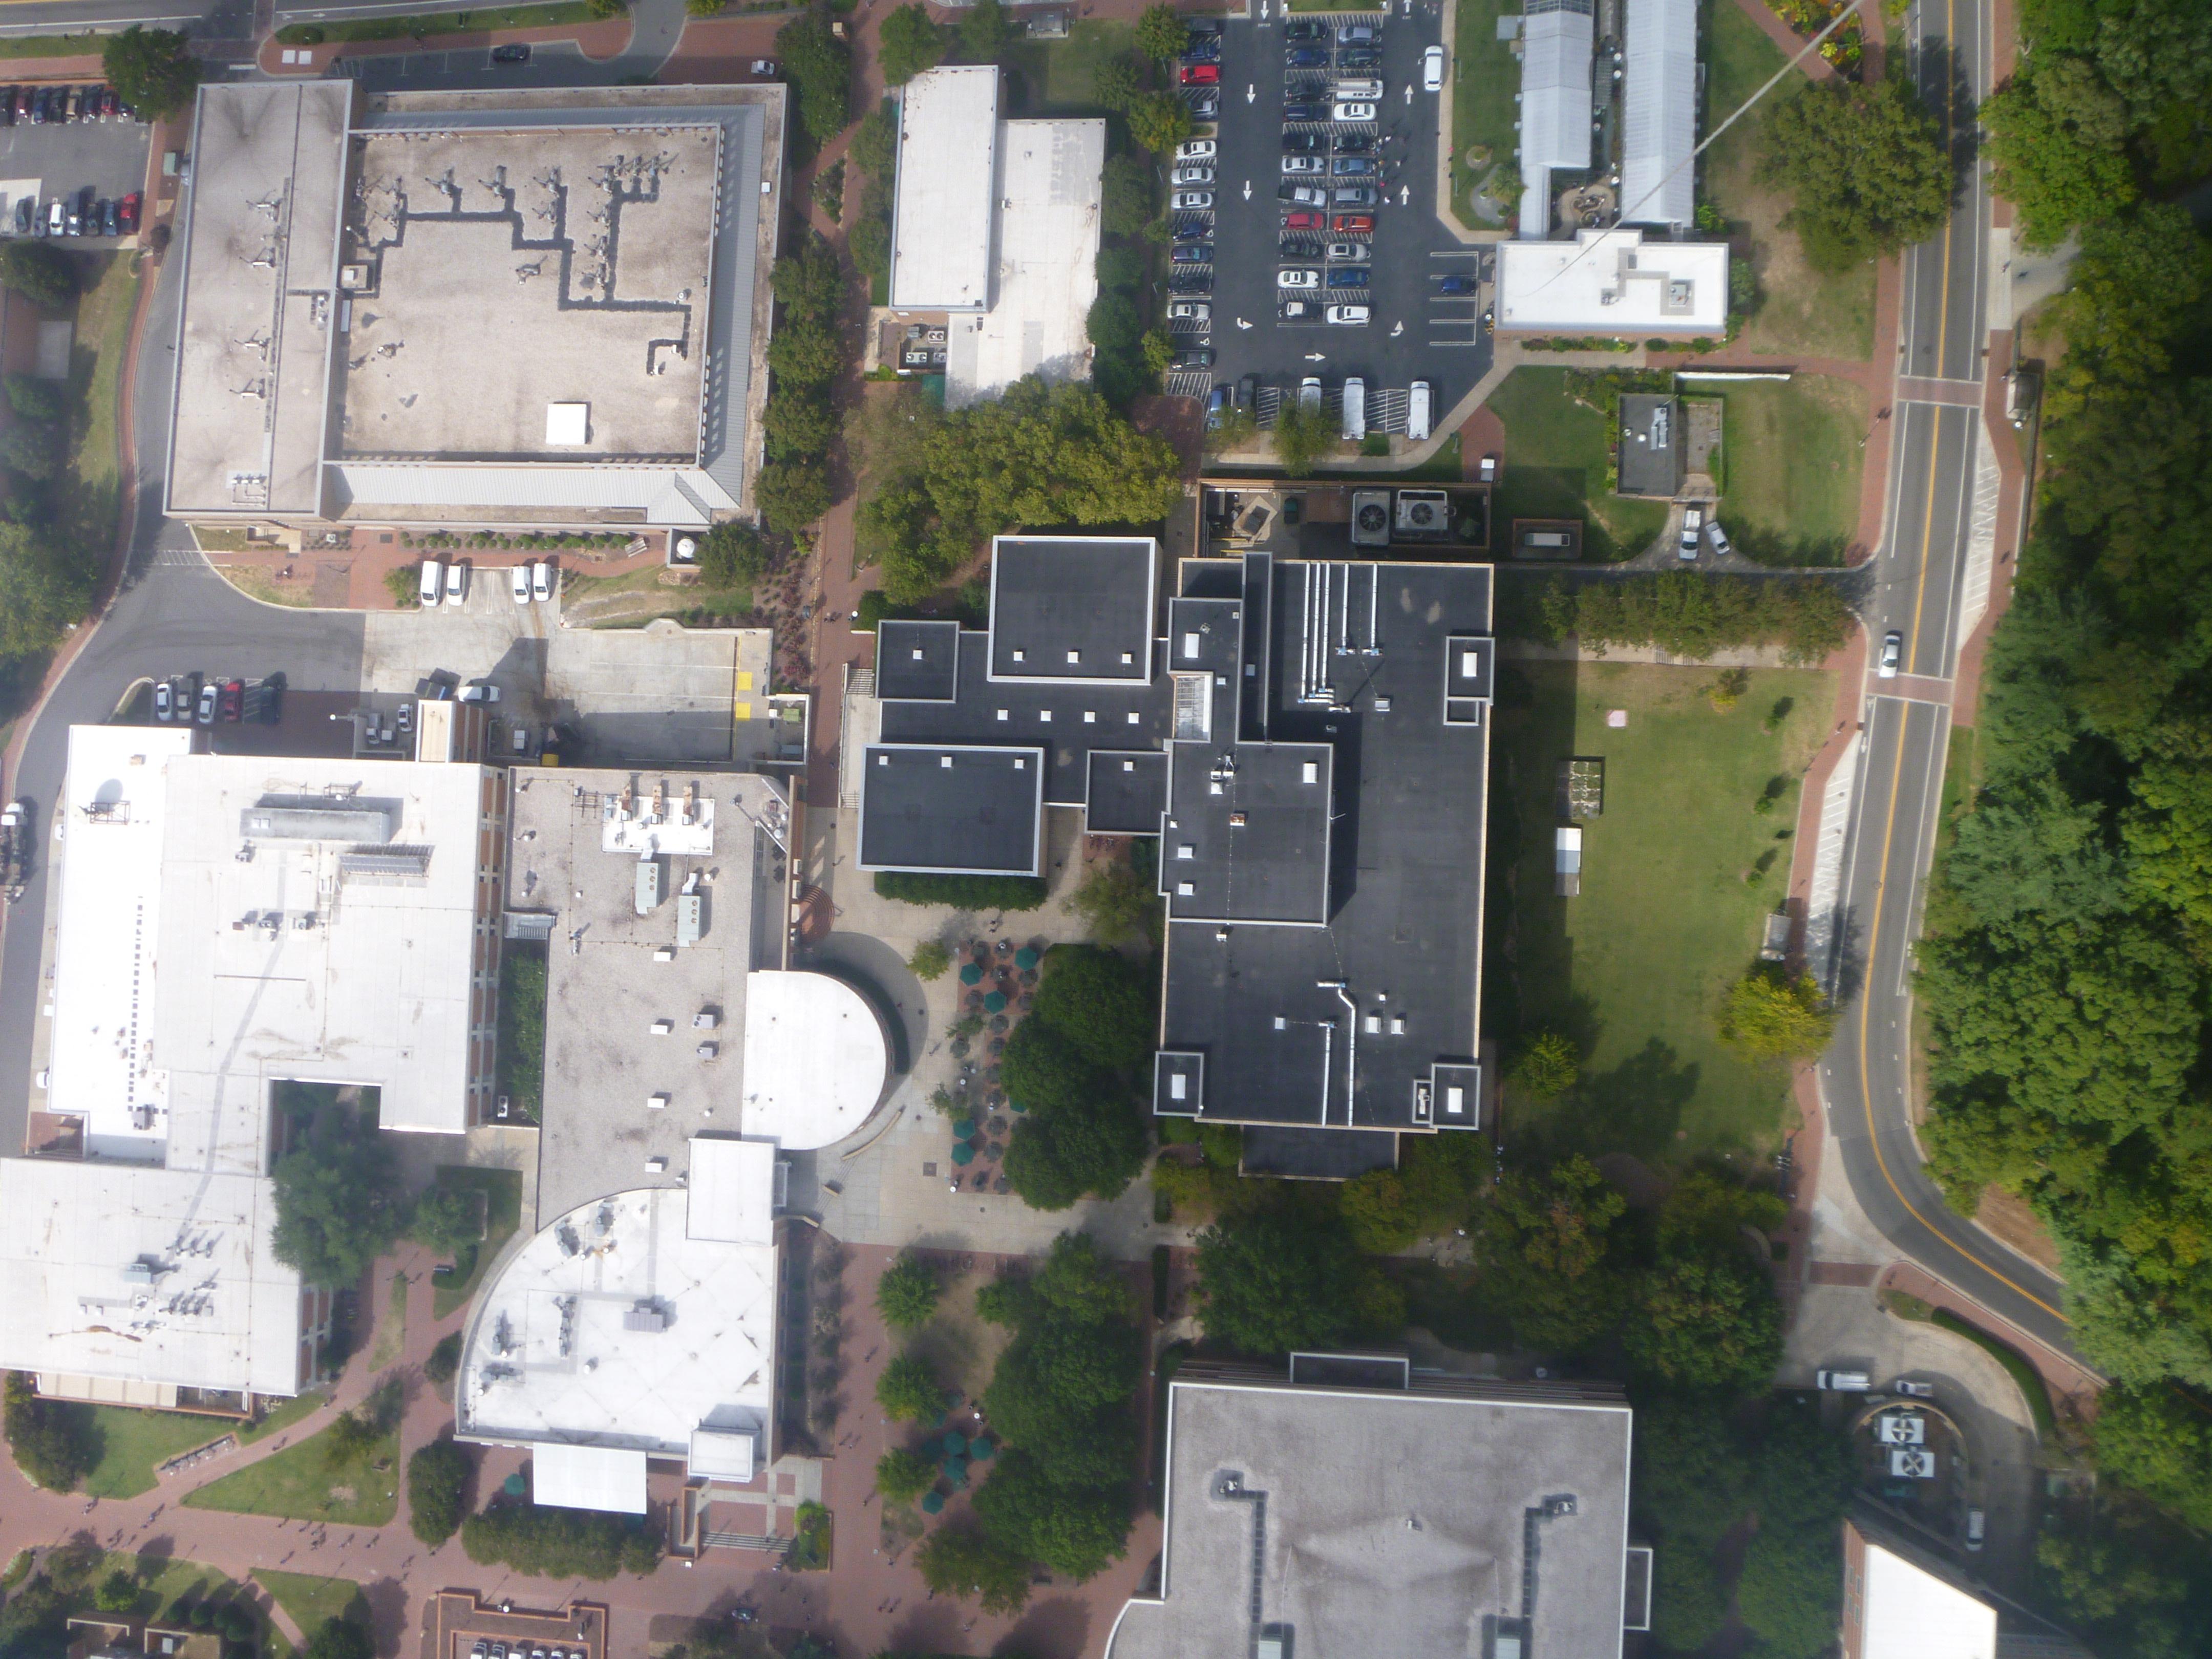 Map of UNCC campus